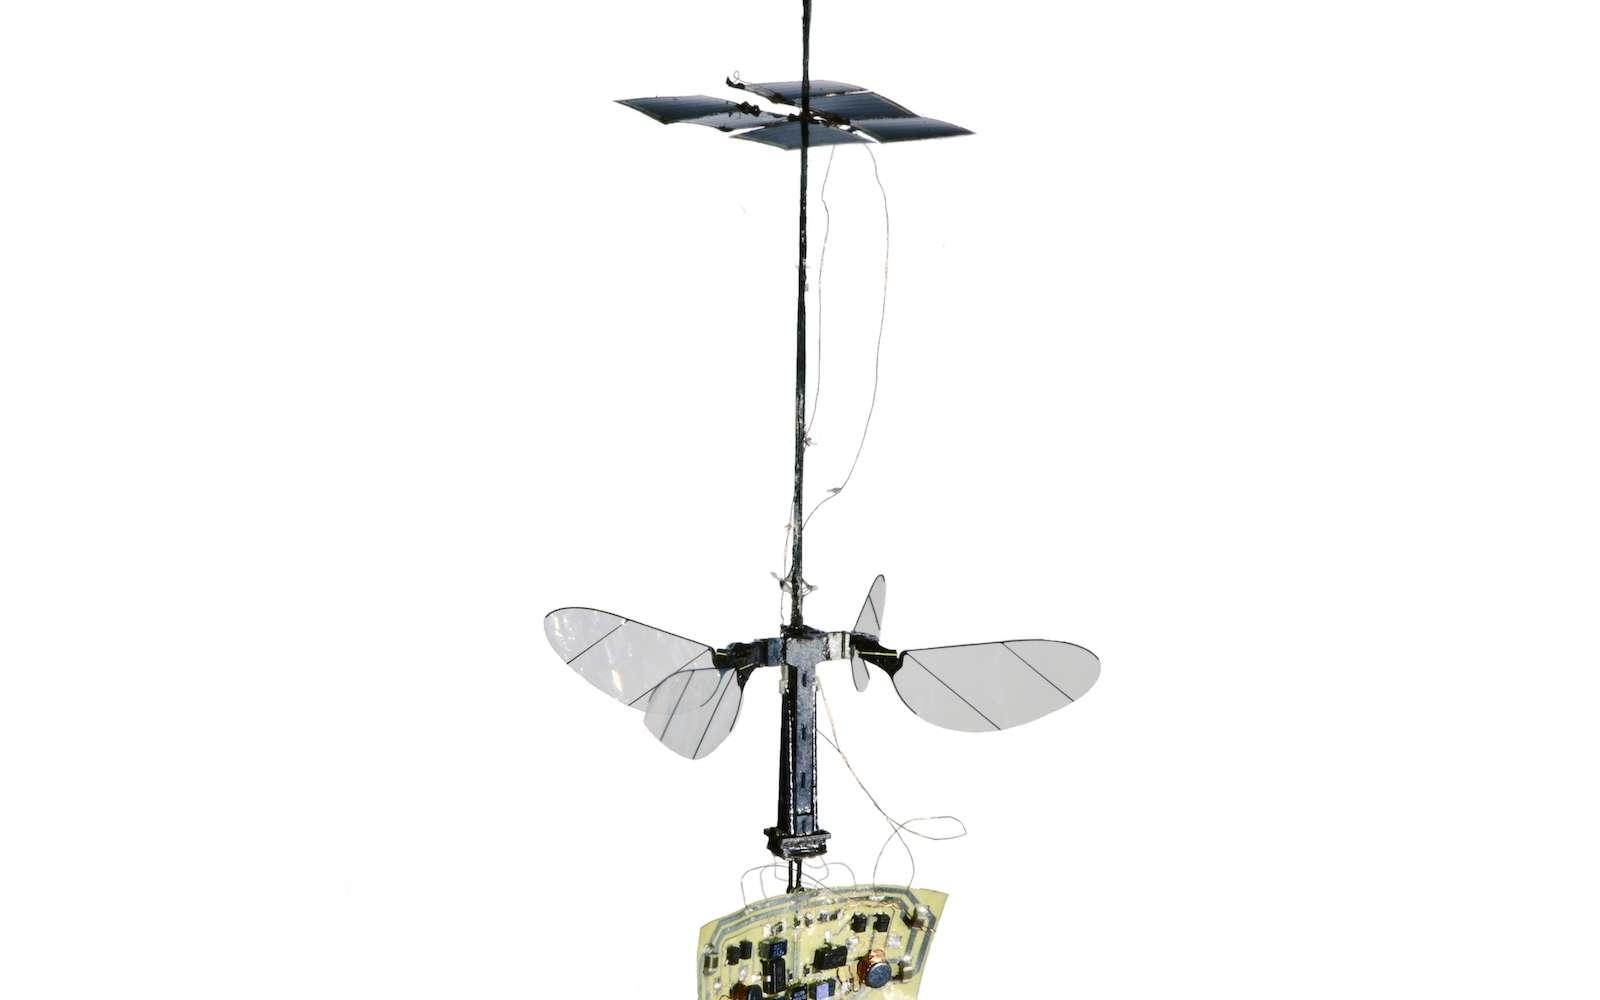 Pour la stabilité de l'insecte pendant son vol, les chercheurs ont opté pour quatre ailes disposées en croix. © Harvard